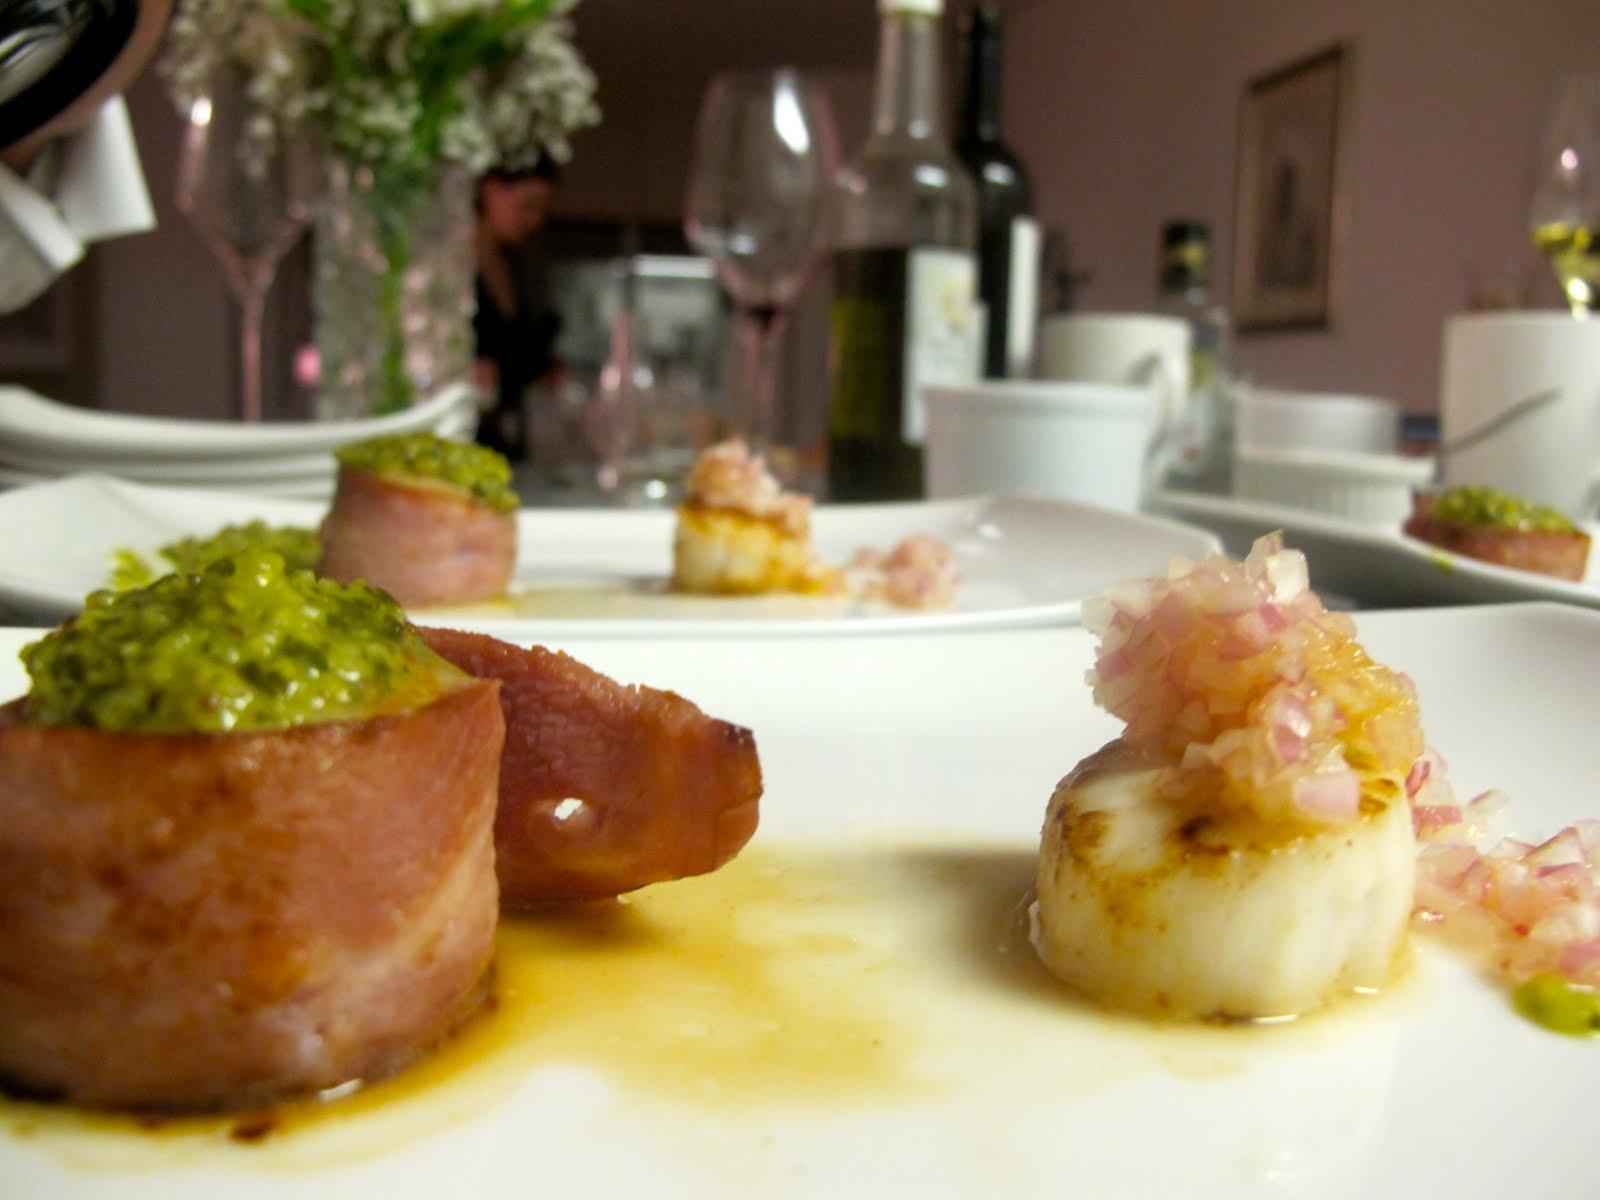 the left, a turkey bacon wrapped seared scallop with a cilantro pesto ...